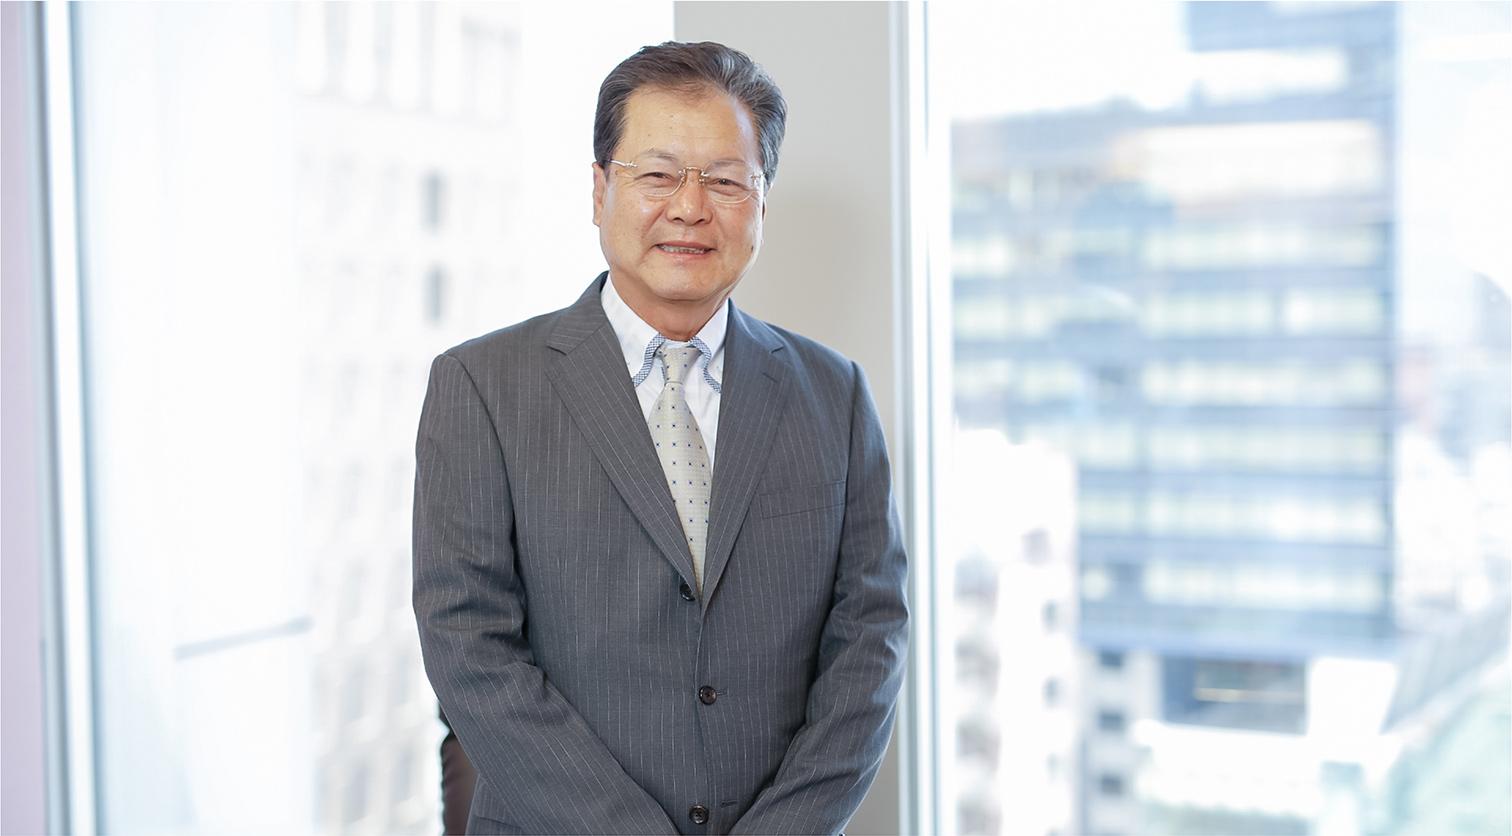 代表取締役 小林 昭伍より採用希望者へメッセージ